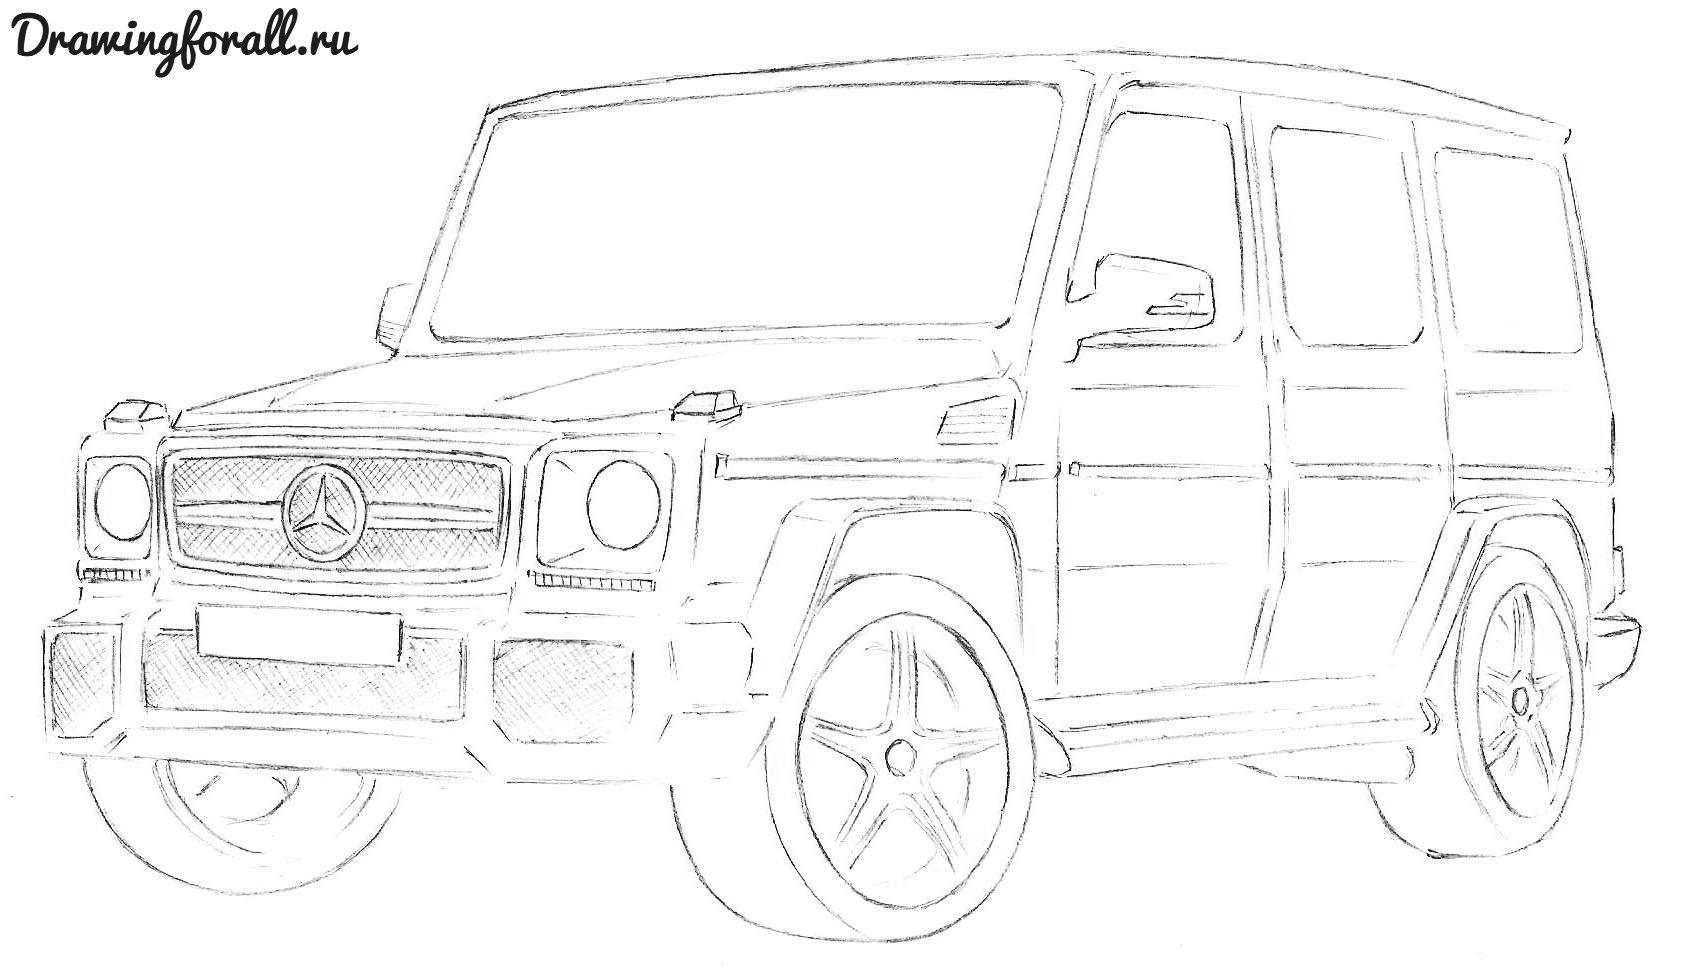 Как нарисовать машину мерседес бенс пошаговая инструкция